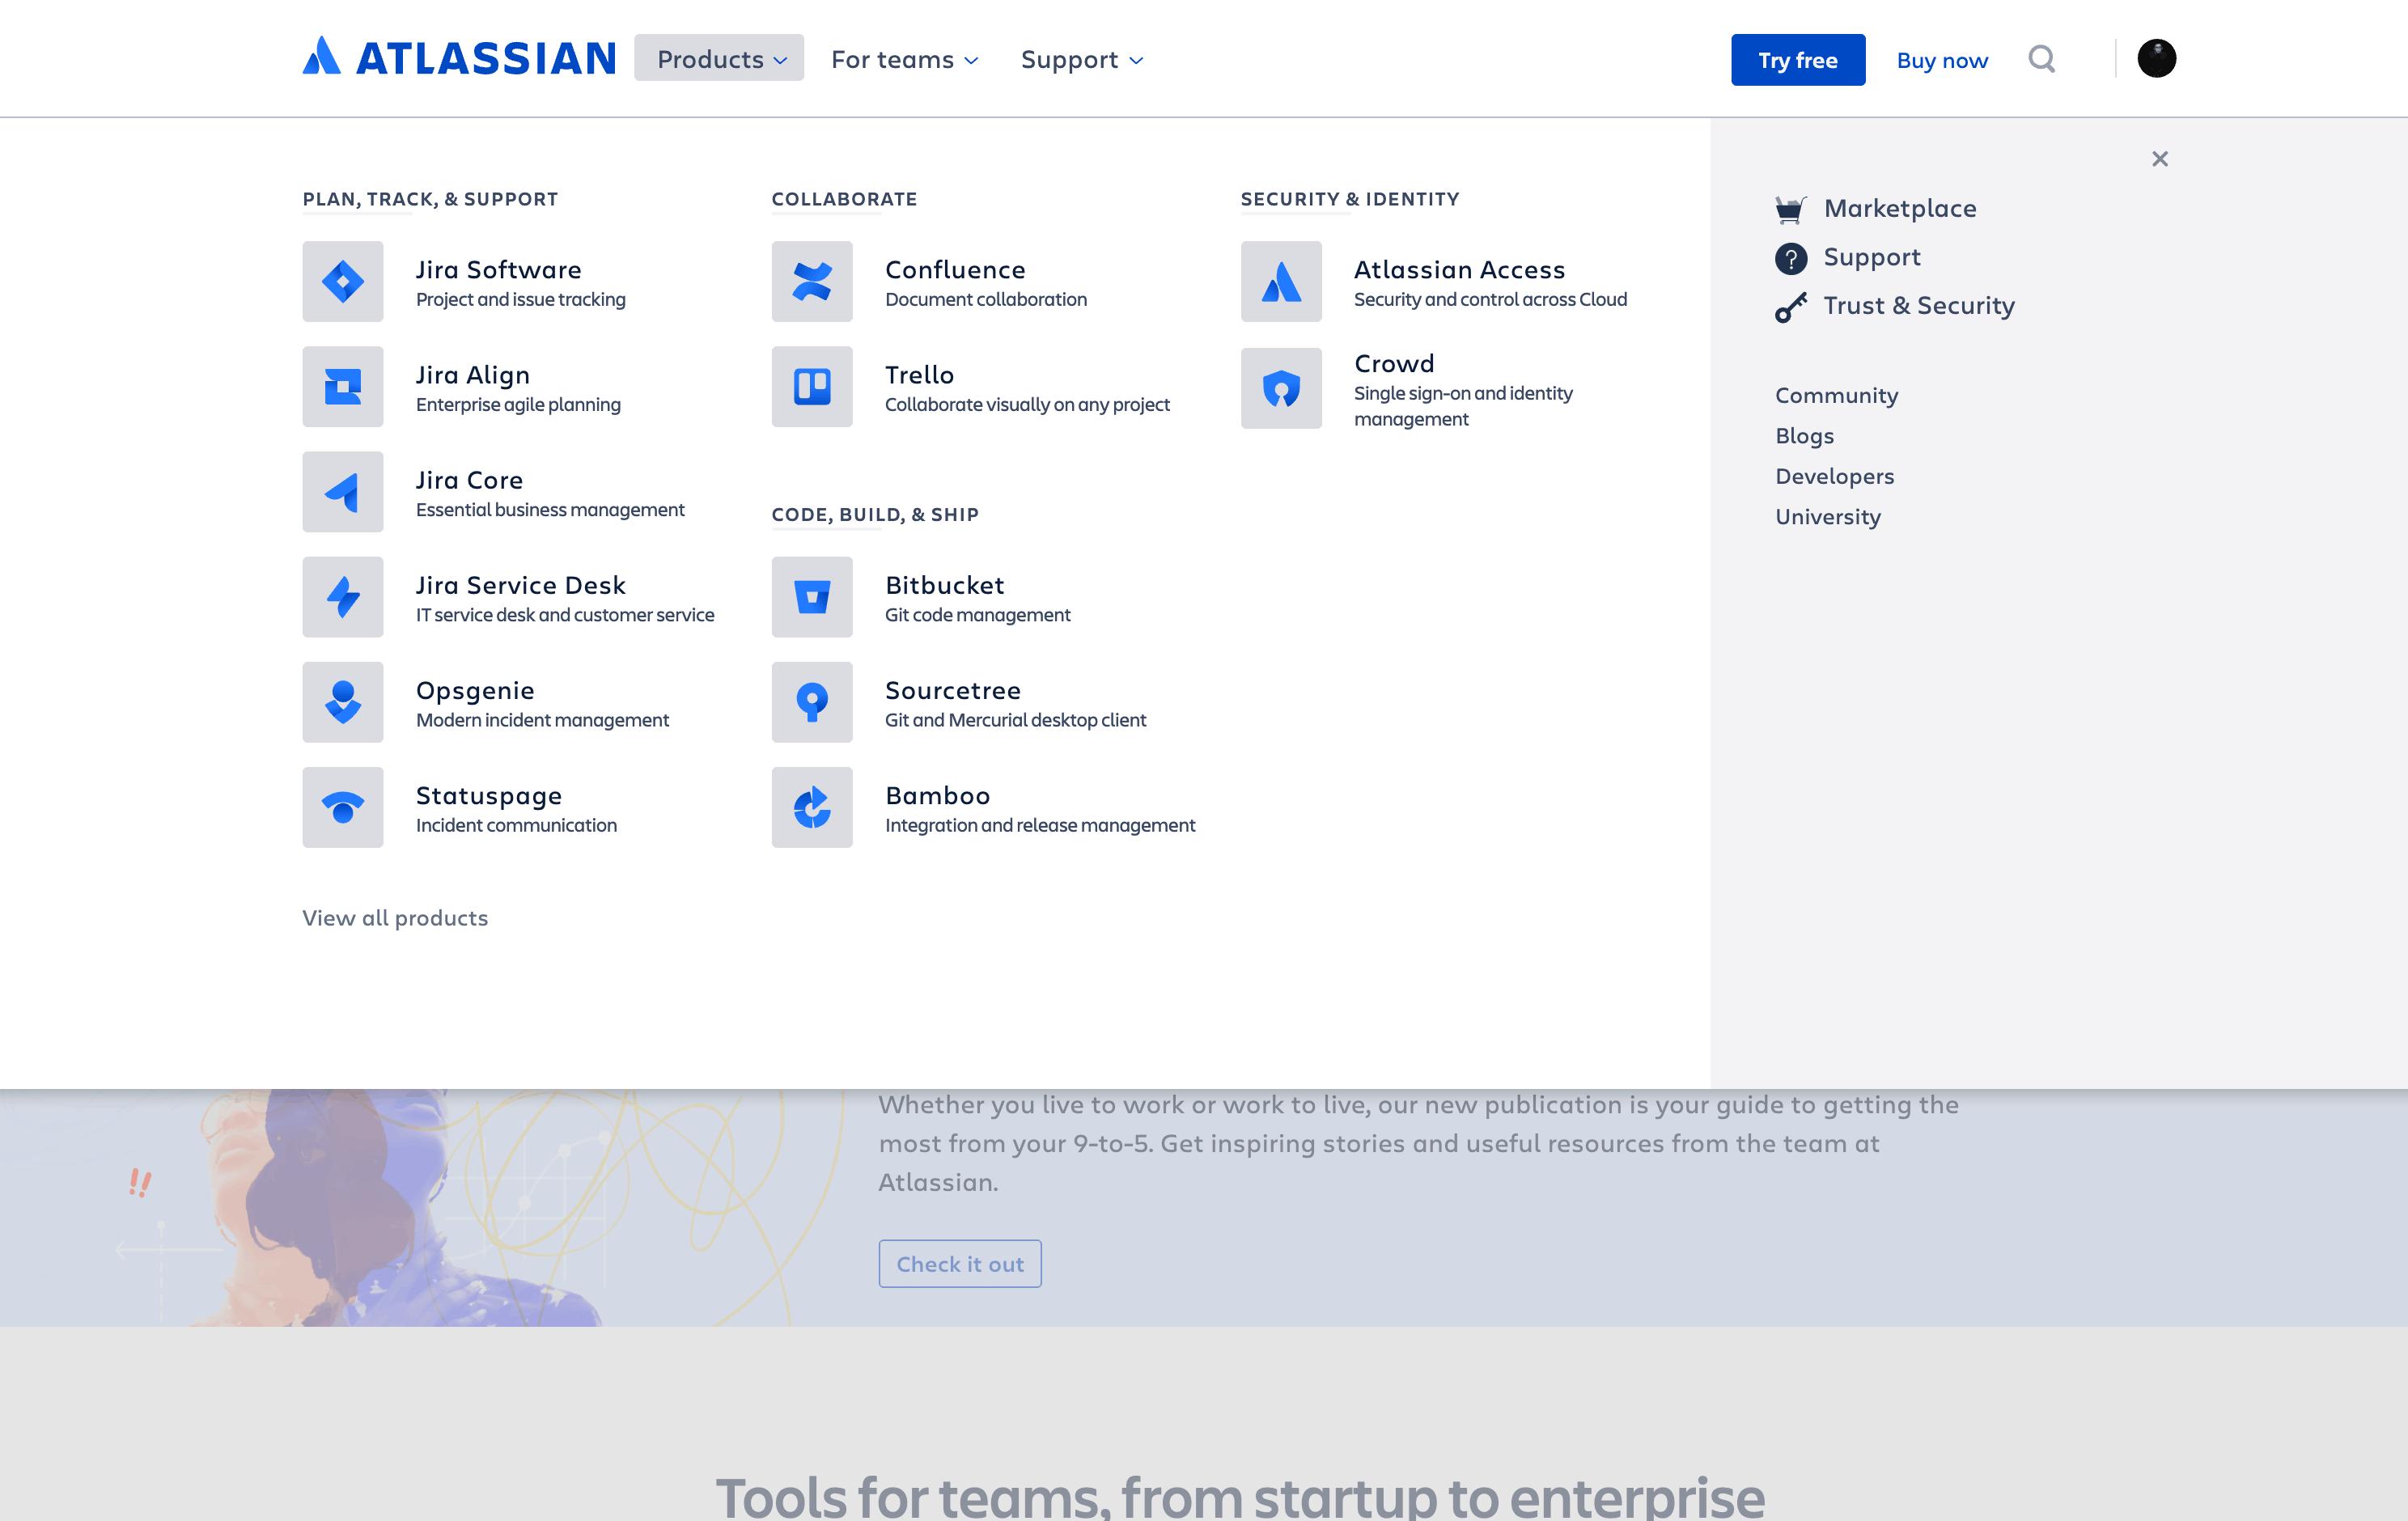 Menu by Atlassian